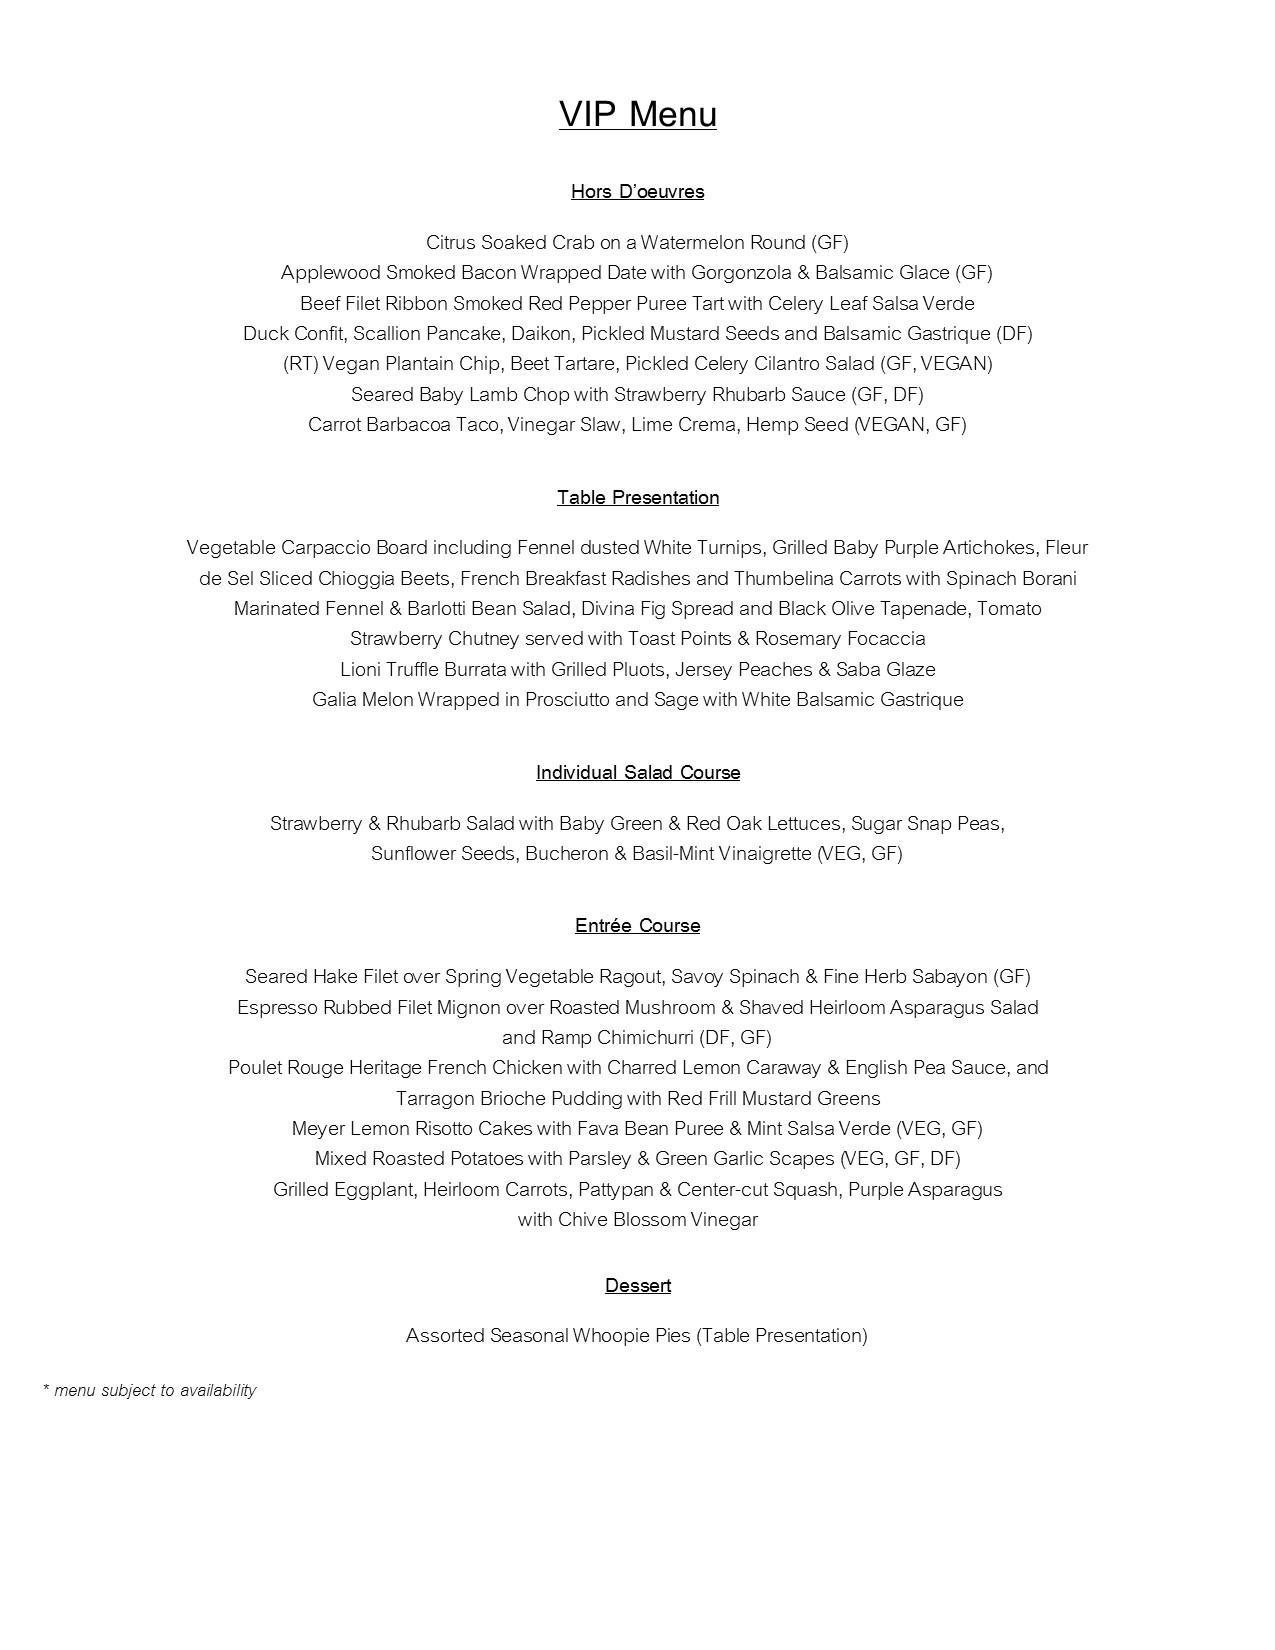 VIP Dinner Menu